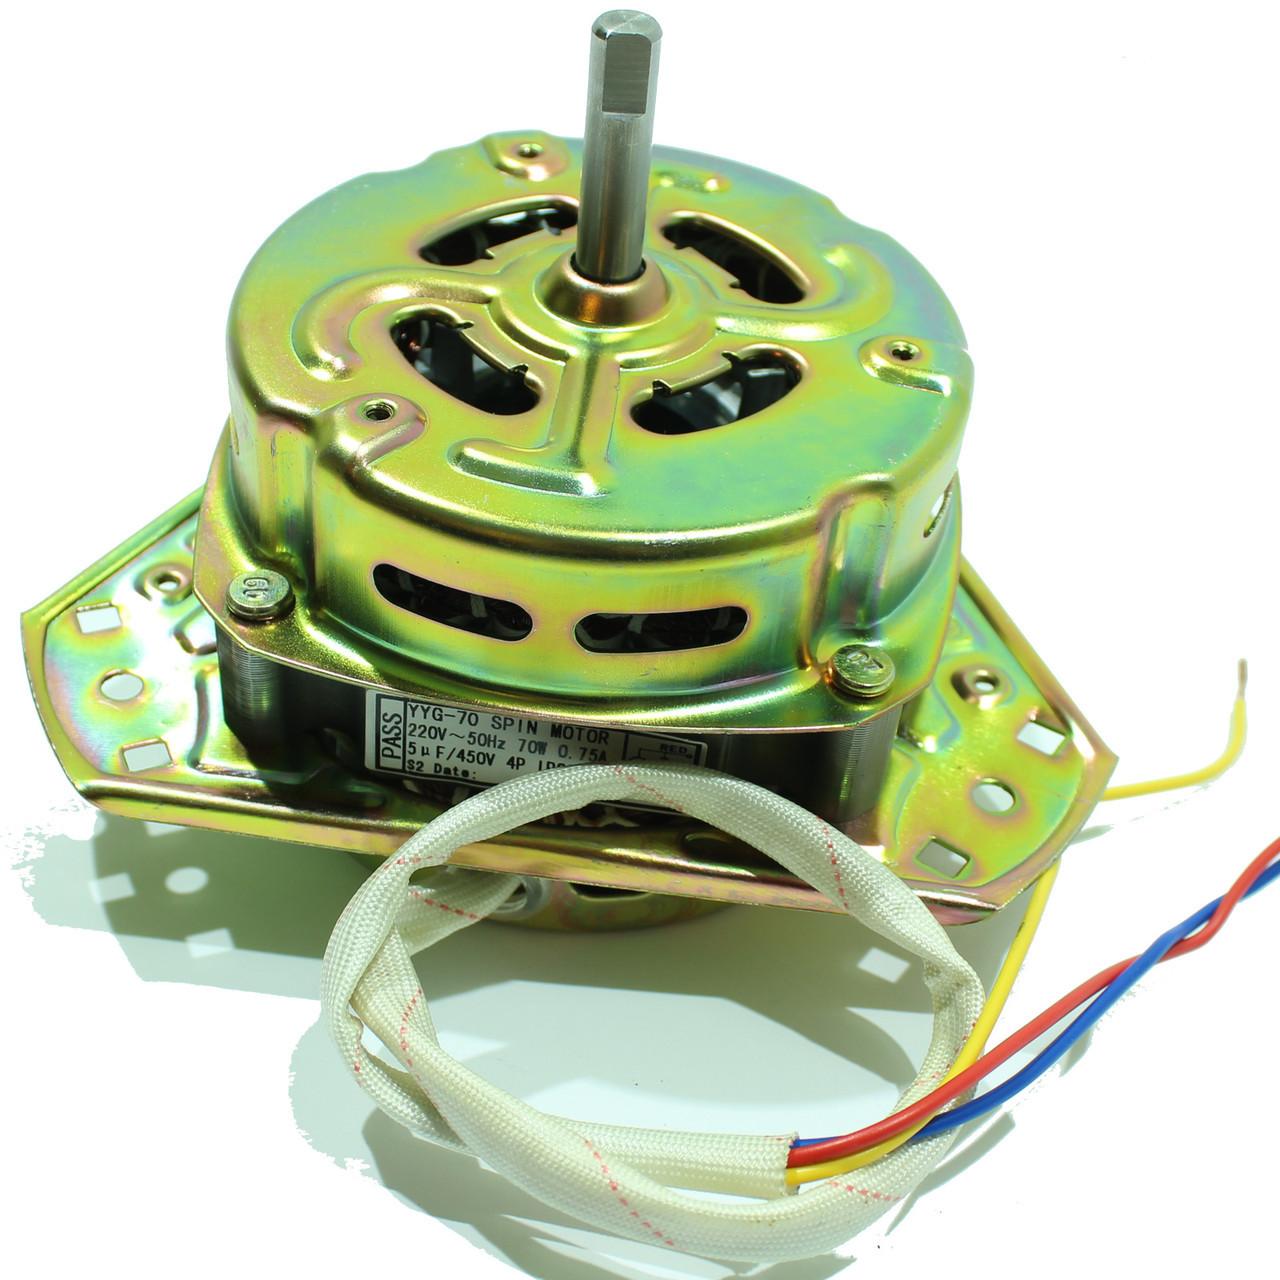 Мотор центрифуги Saturn YYG-70 (медная обмотка)